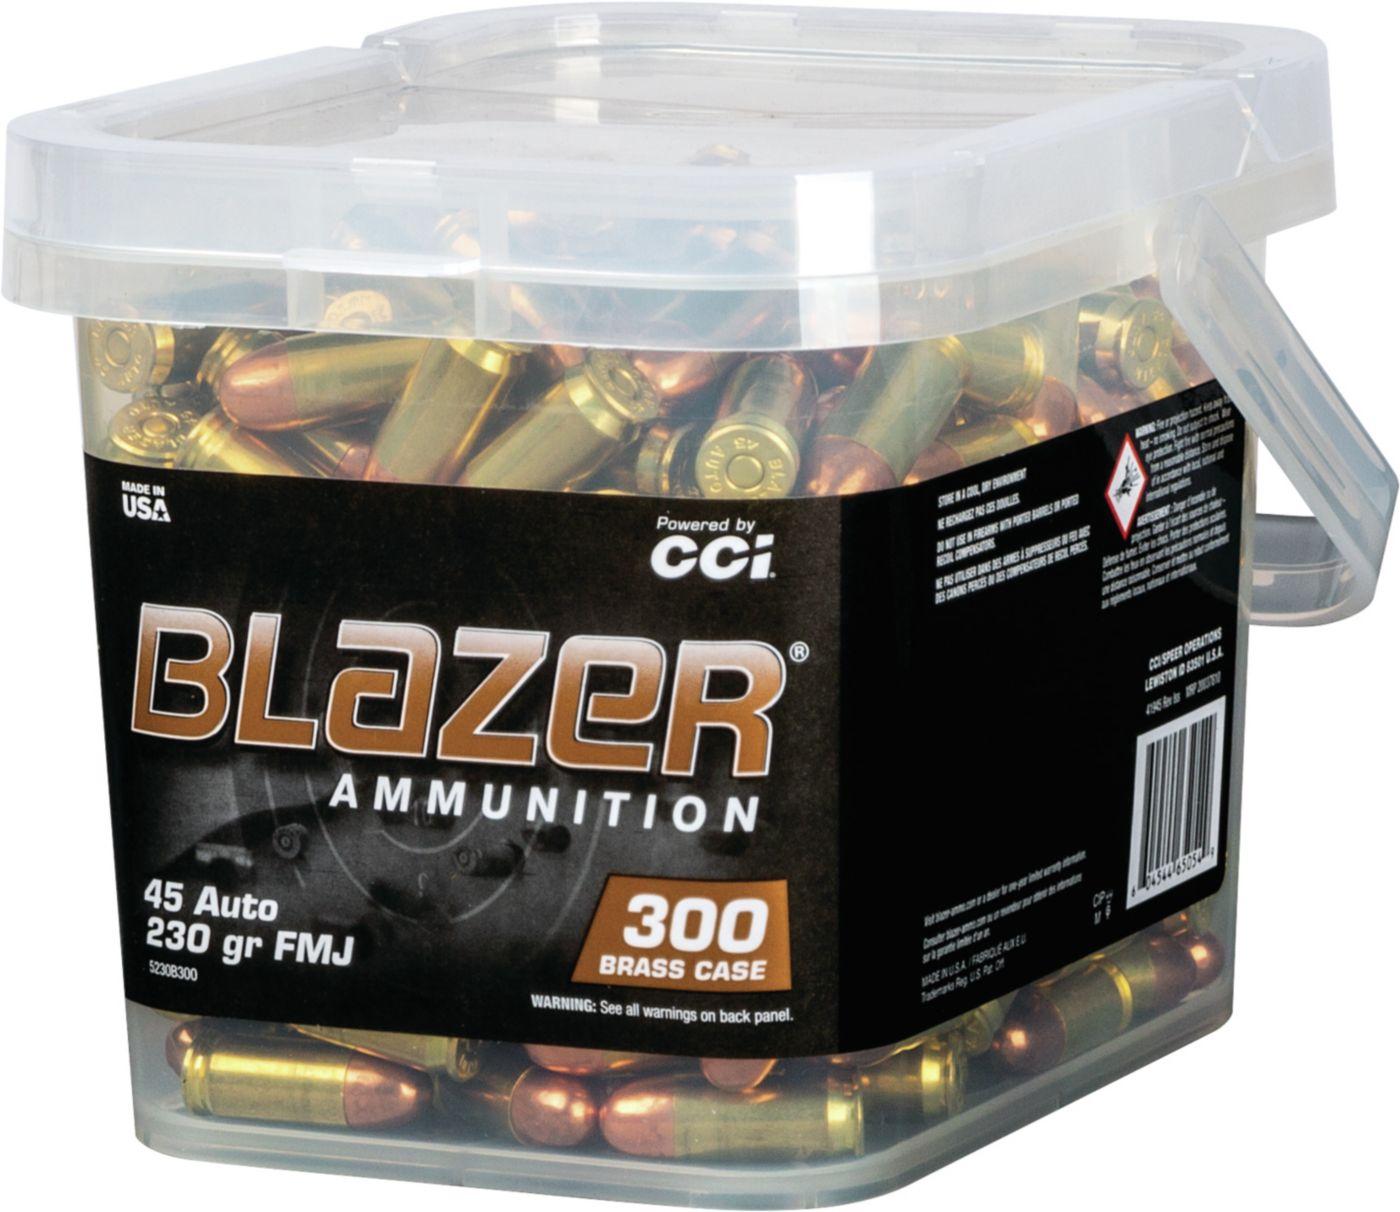 Blazer Brass Handgun Ammo – 300 Rounds